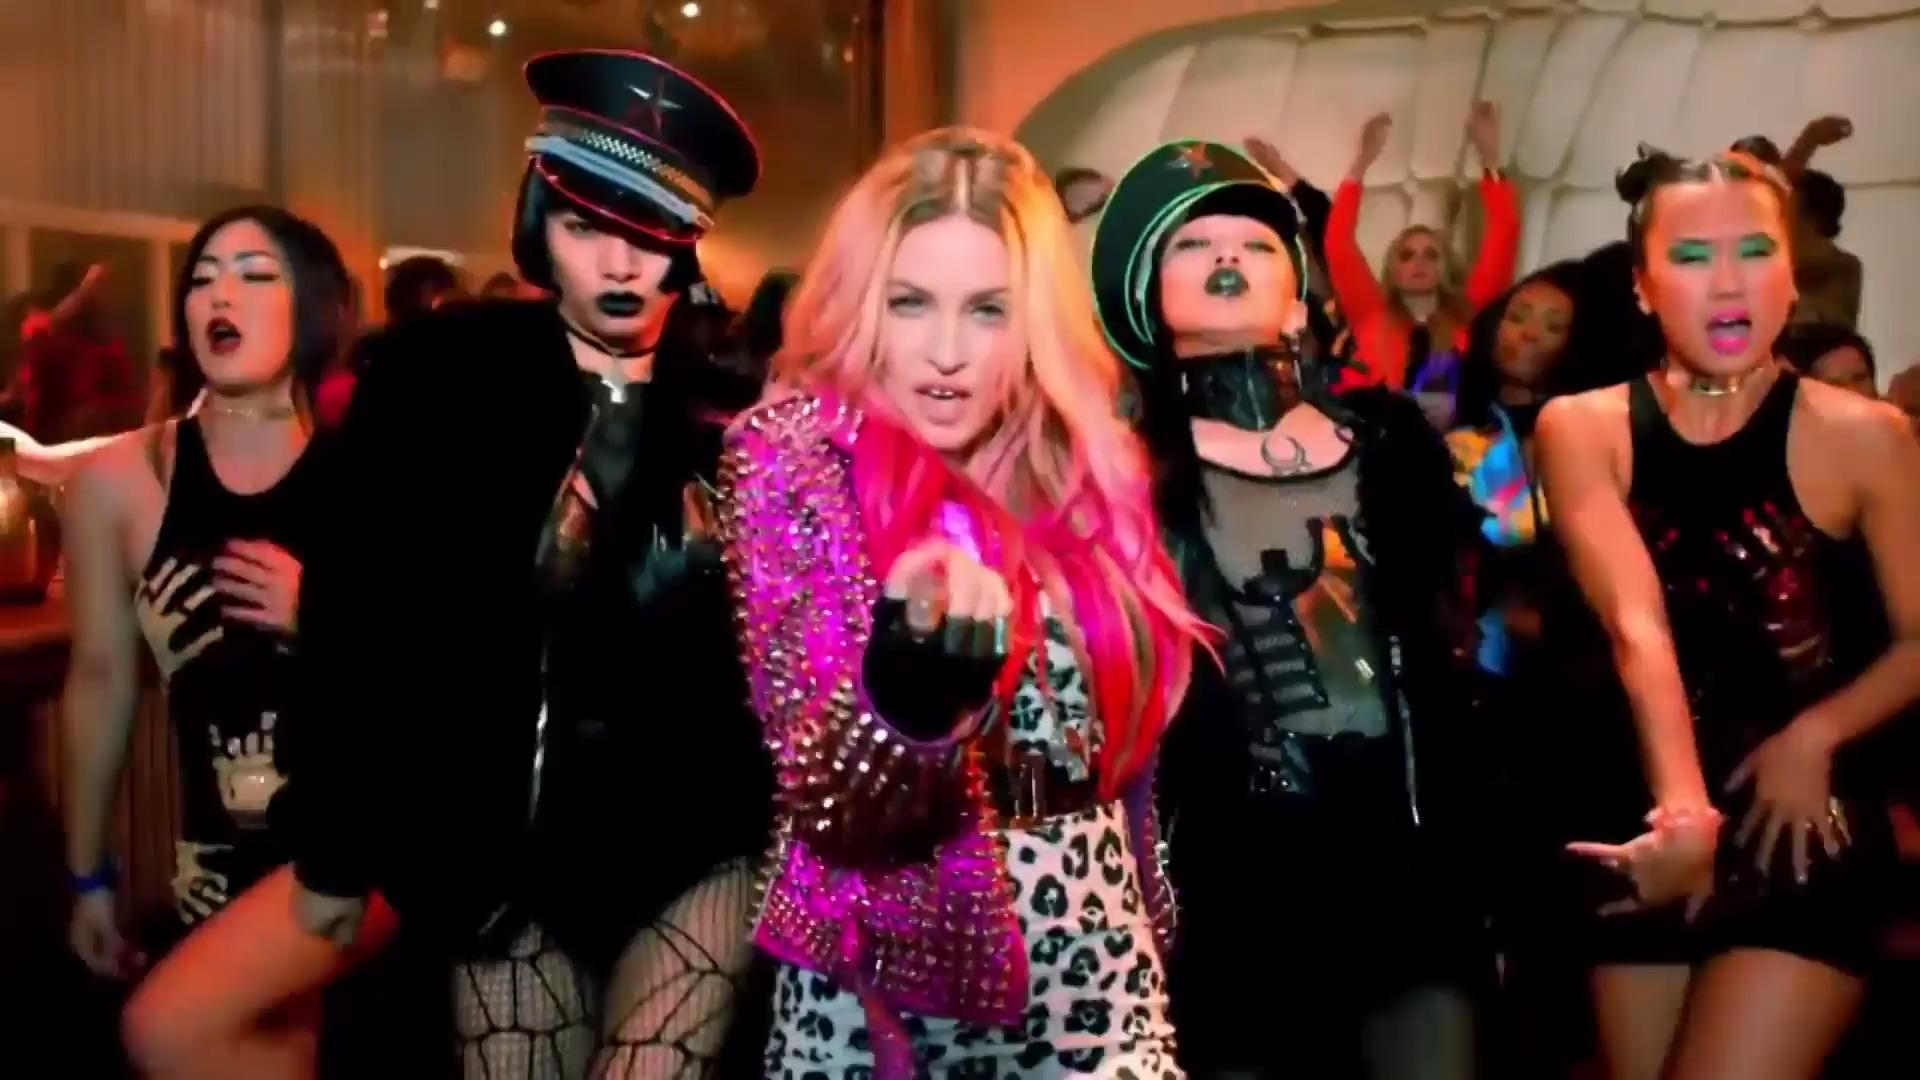 Madonna slaví šedesát: Připomeňte si vrcholy a pády královny popu